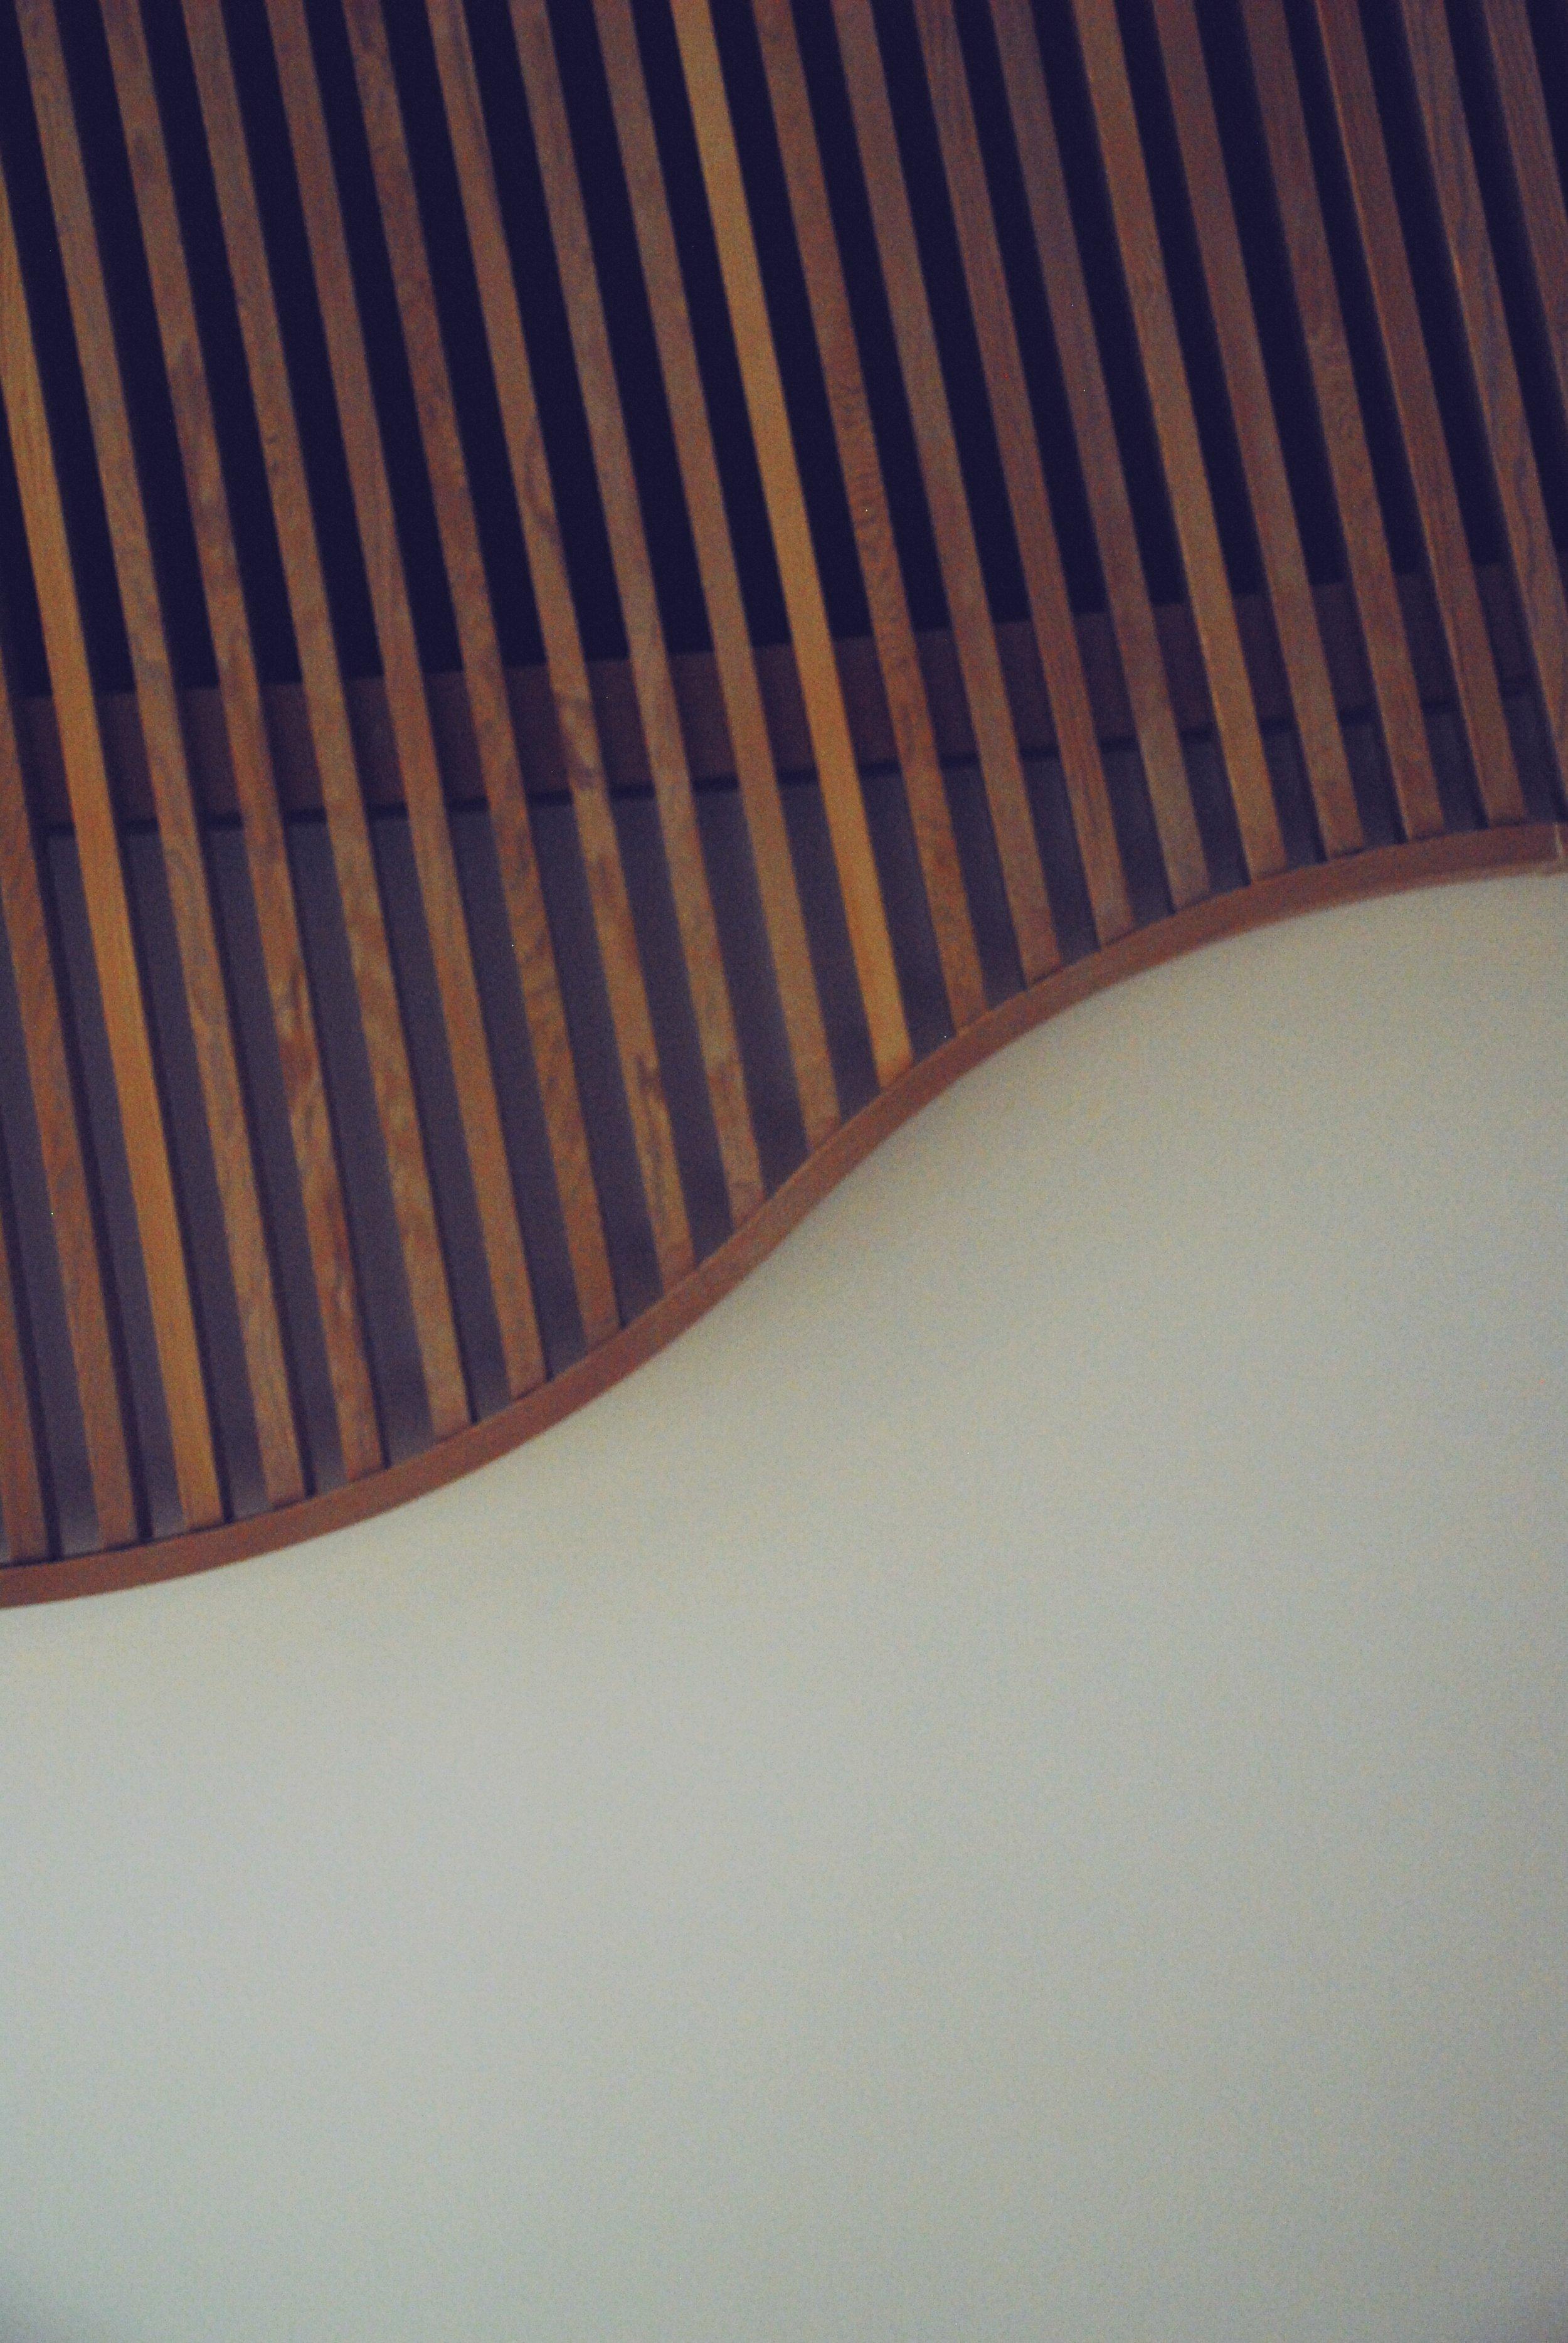 MAISON-ORION_ALVAR-AALTO_MT-ANGEL-LIBRARY_11.jpg